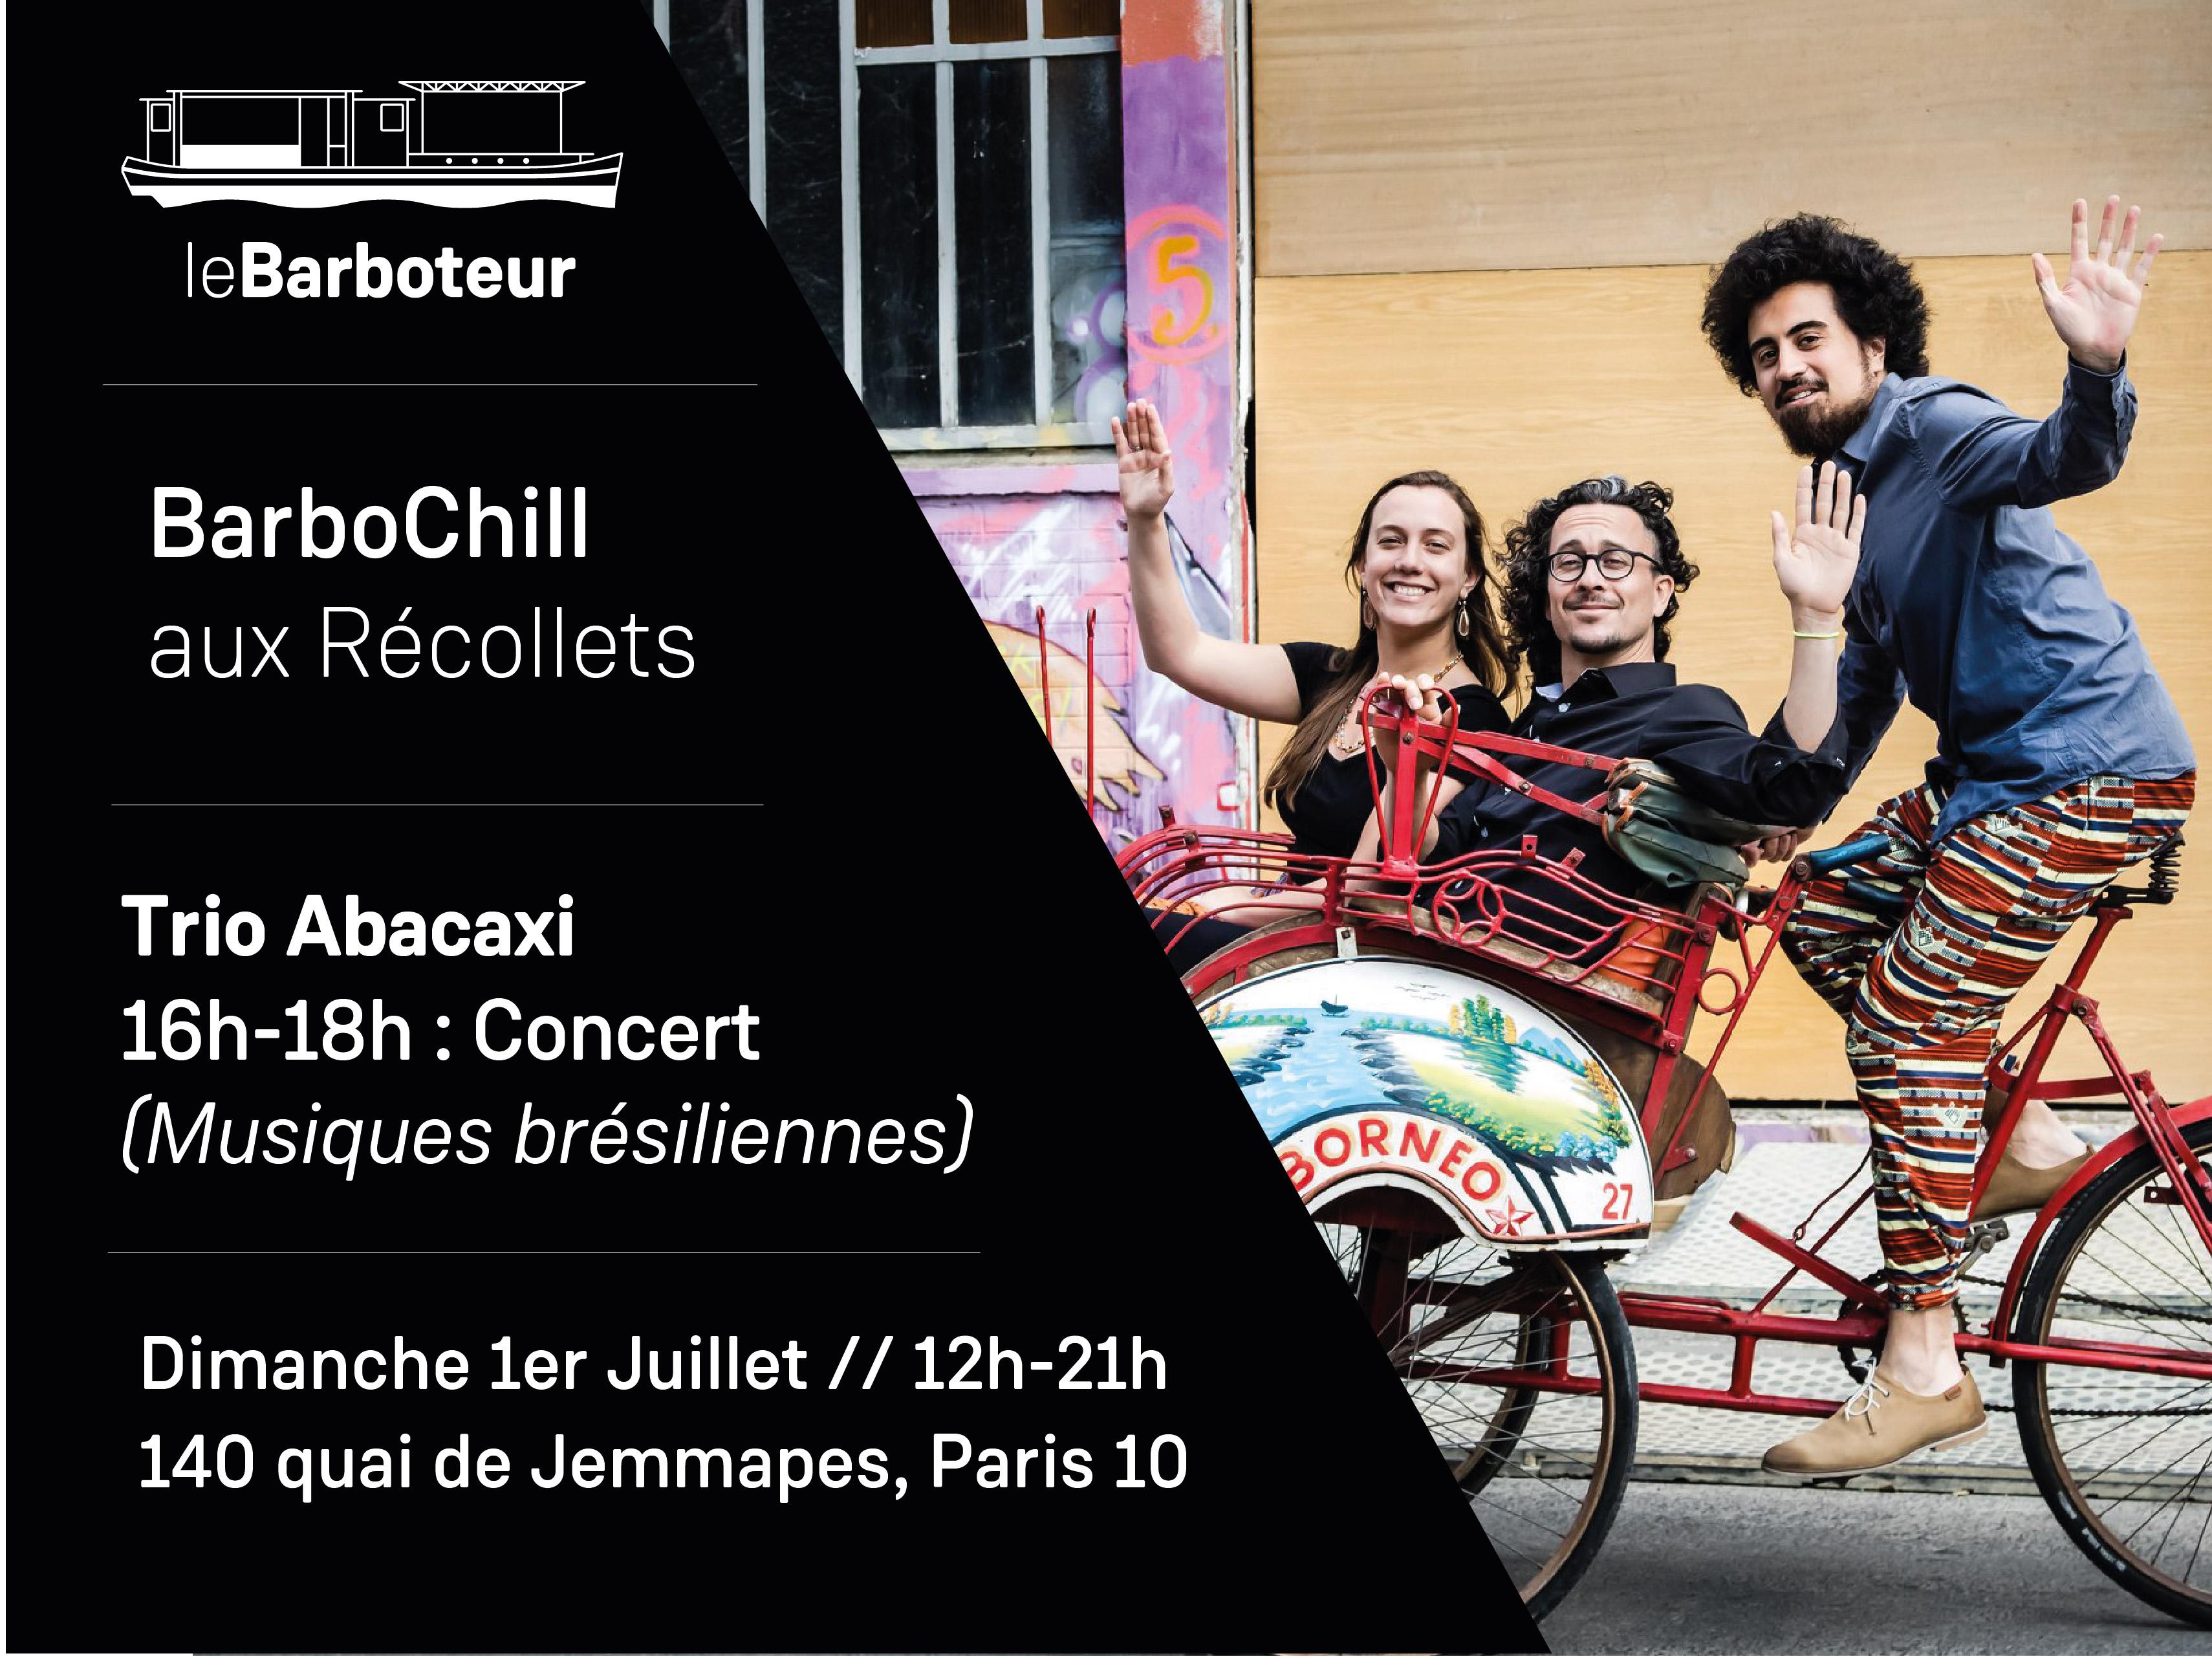 Trio Abacaxi en concert sur le Barboteur